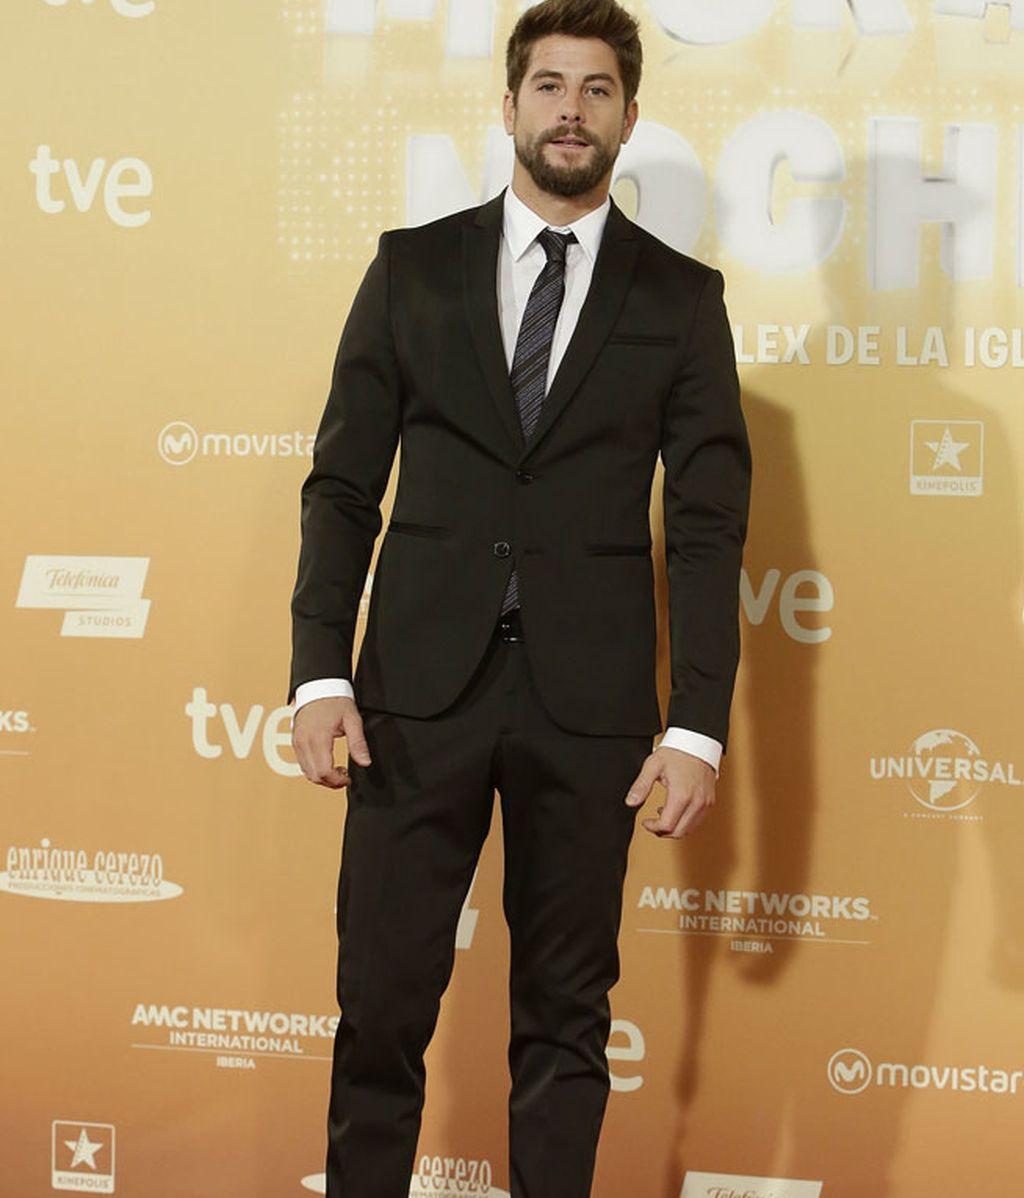 Luis Fernández y su traje clásico